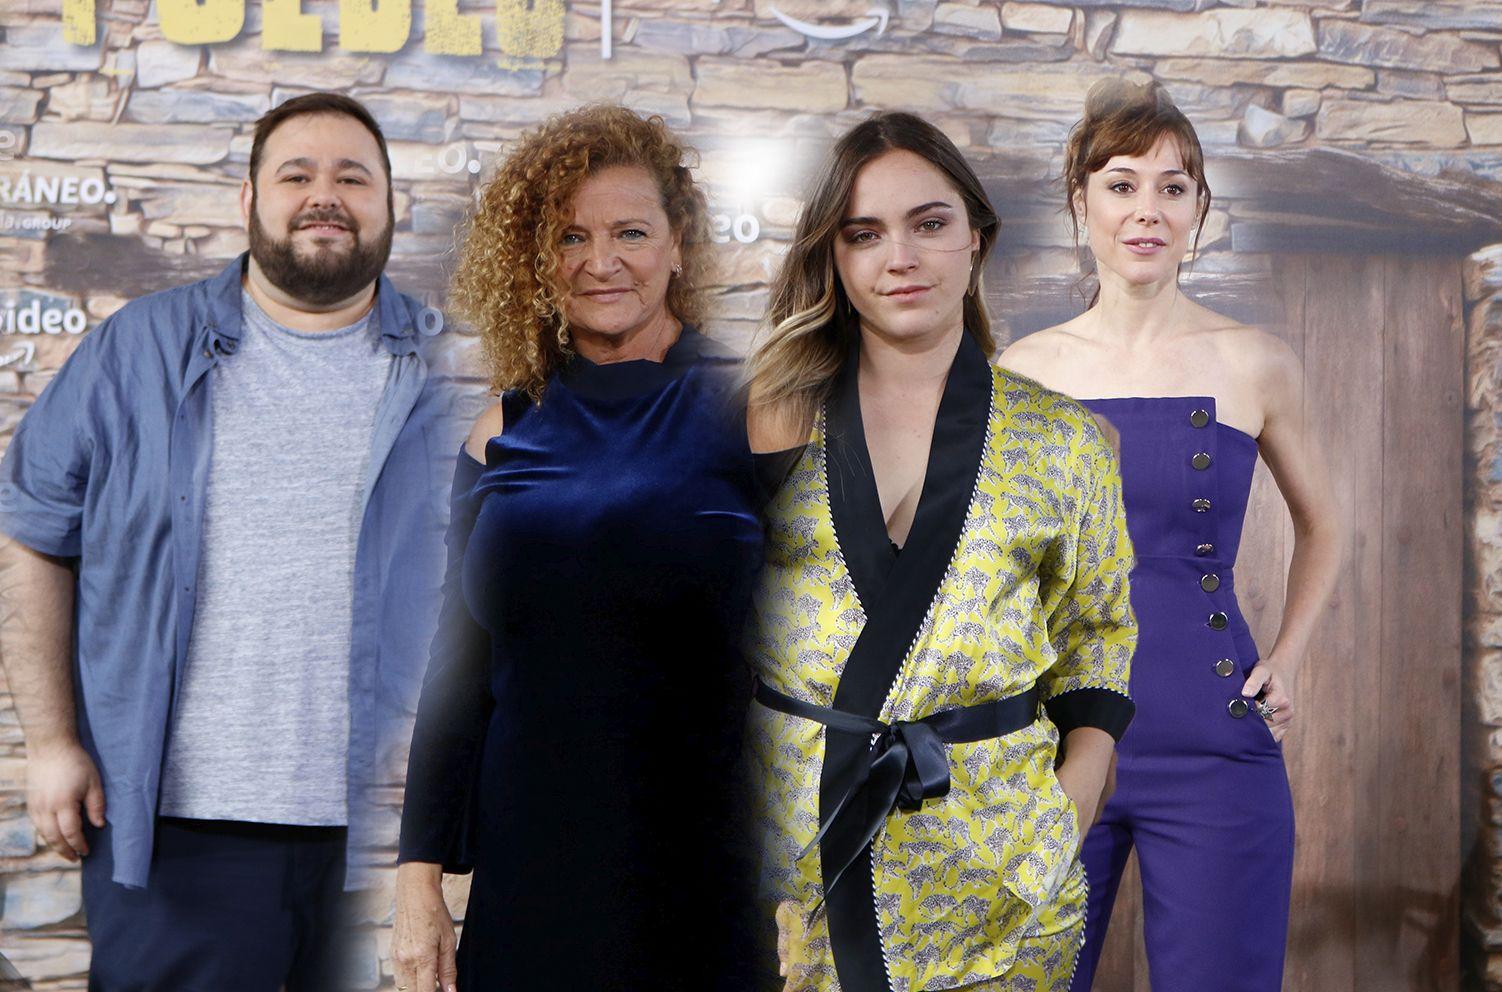 JAIRO SANCHEZ, BLANCA RODRIGUEZ, ELISA DRABBEN Y RUTH DIAZ: » DAMOS UN SALTO A LA COMEDIA ESPAÑOLA CON TEMAS SOCIALES»